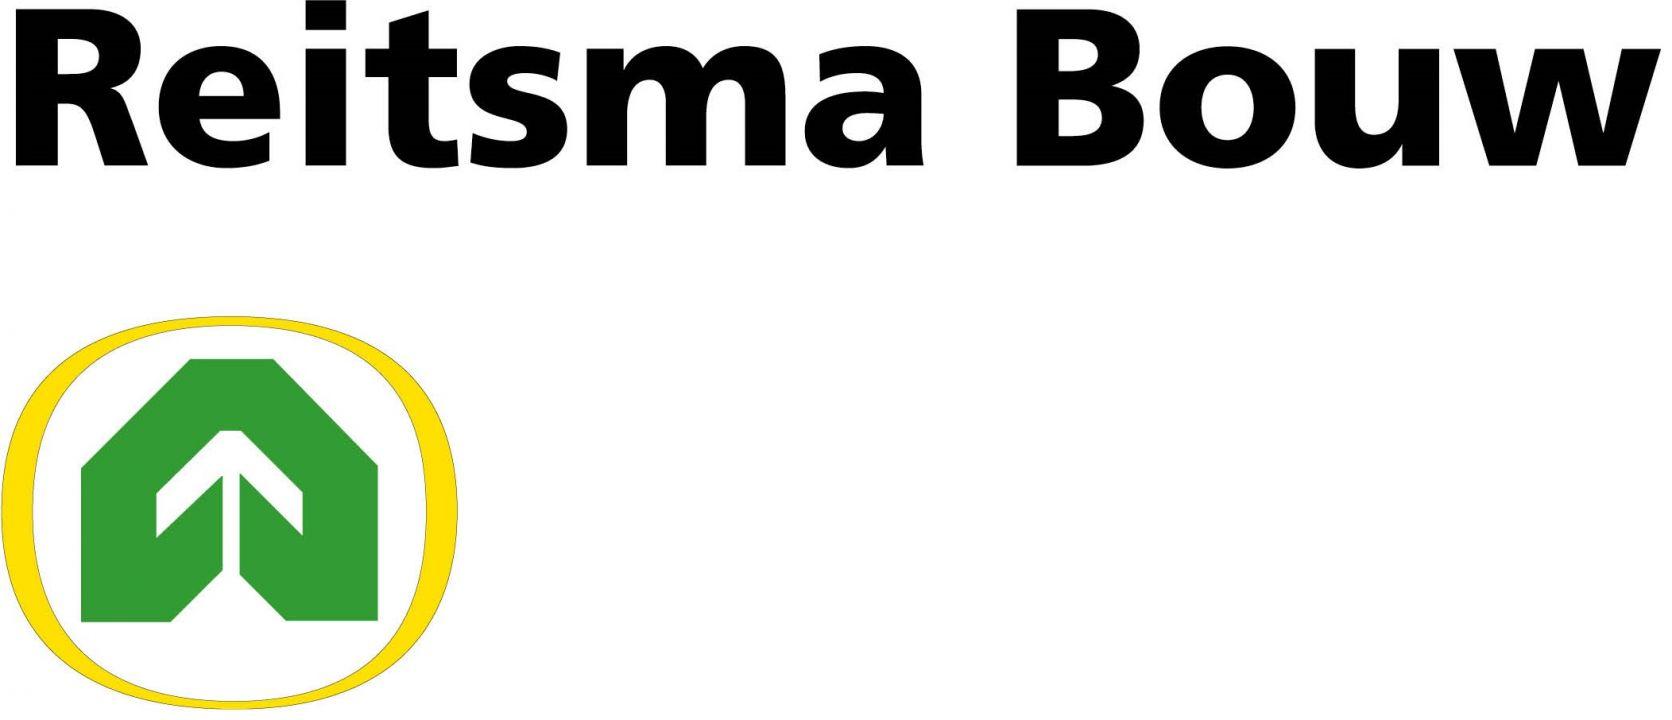 Reitsma Bouw